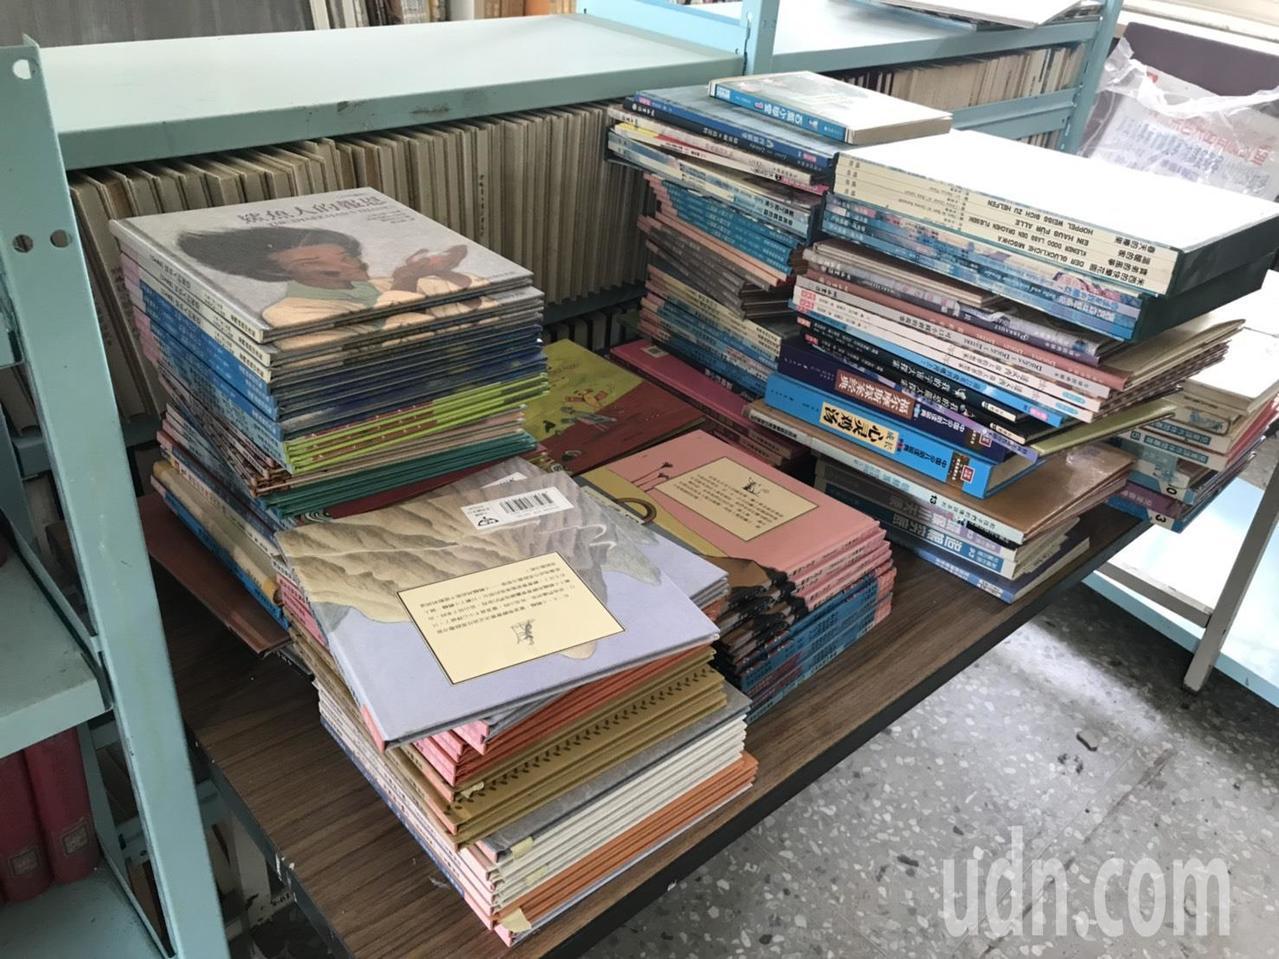 偏鄉中小學圖書館,「錢」和「人」都相對匱乏,偏鄉小學圖書室架上的書,布滿厚厚的灰...